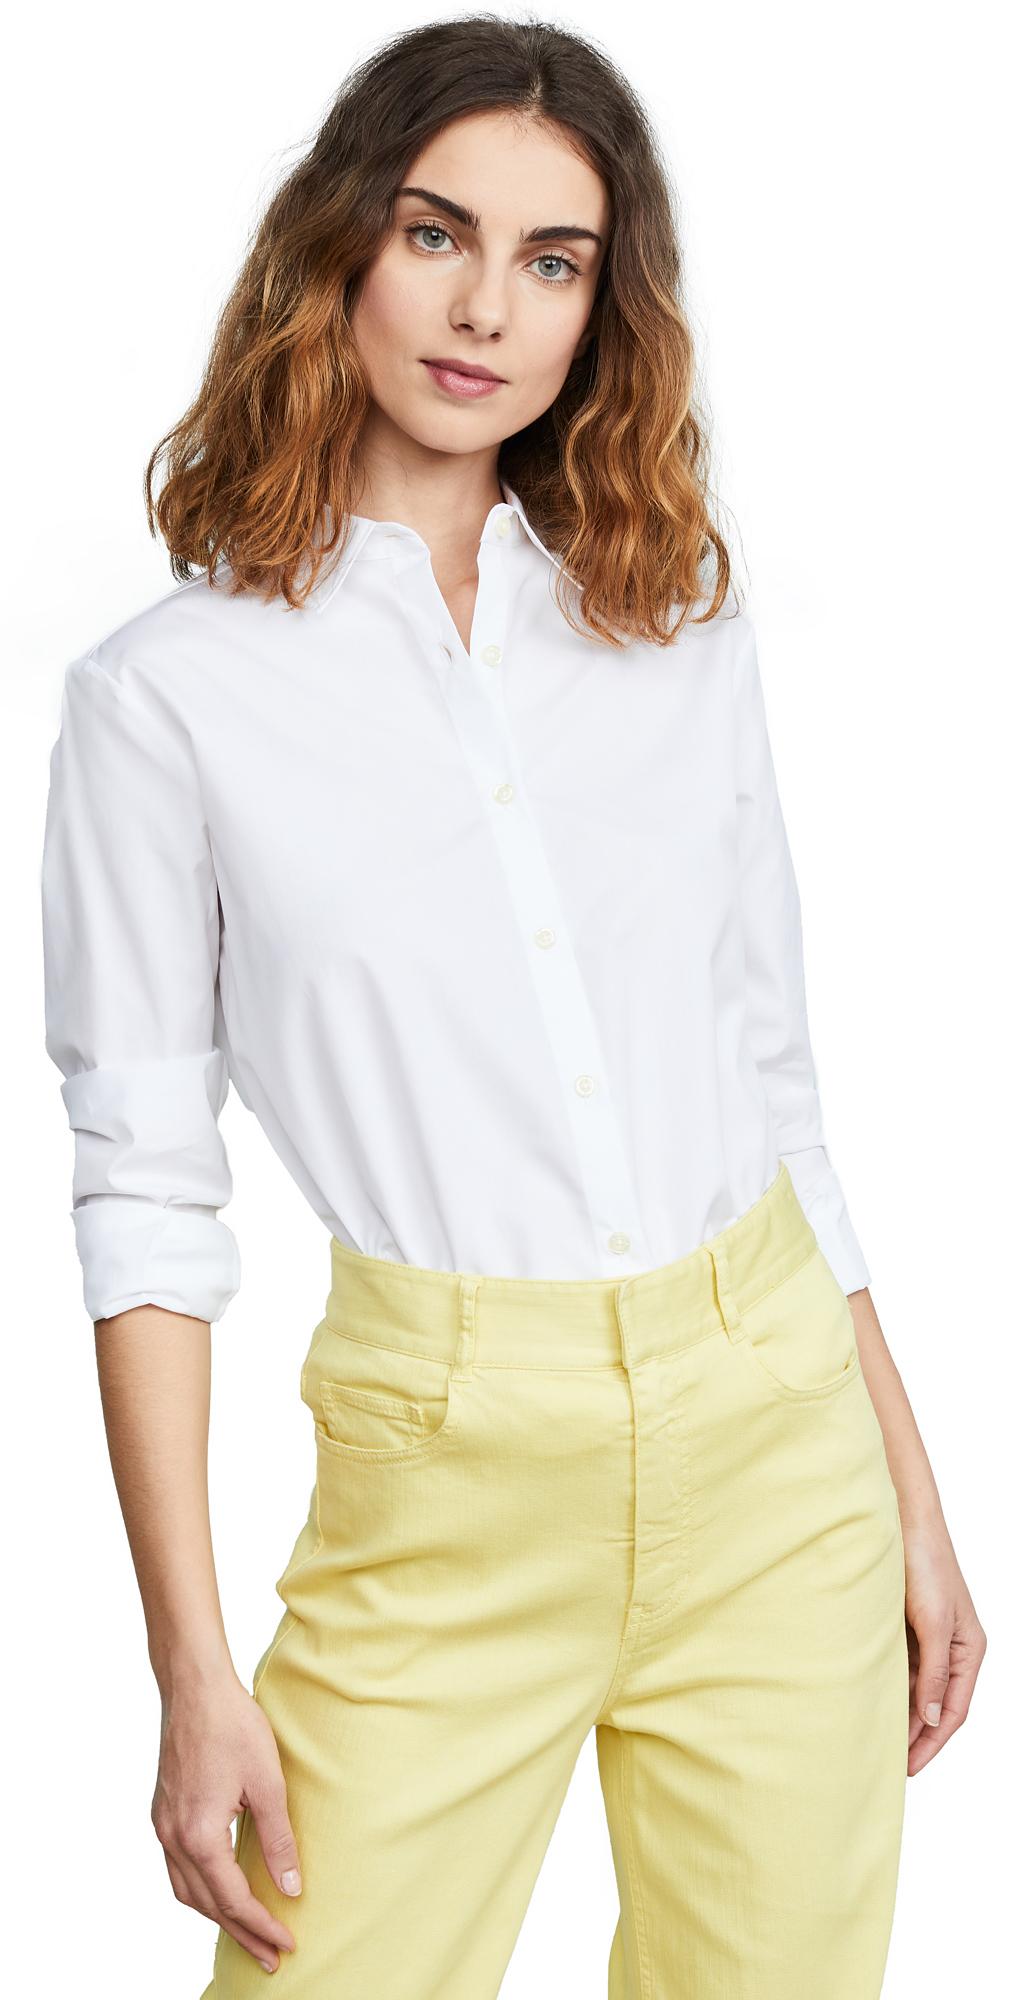 KULE Button Down Shirt